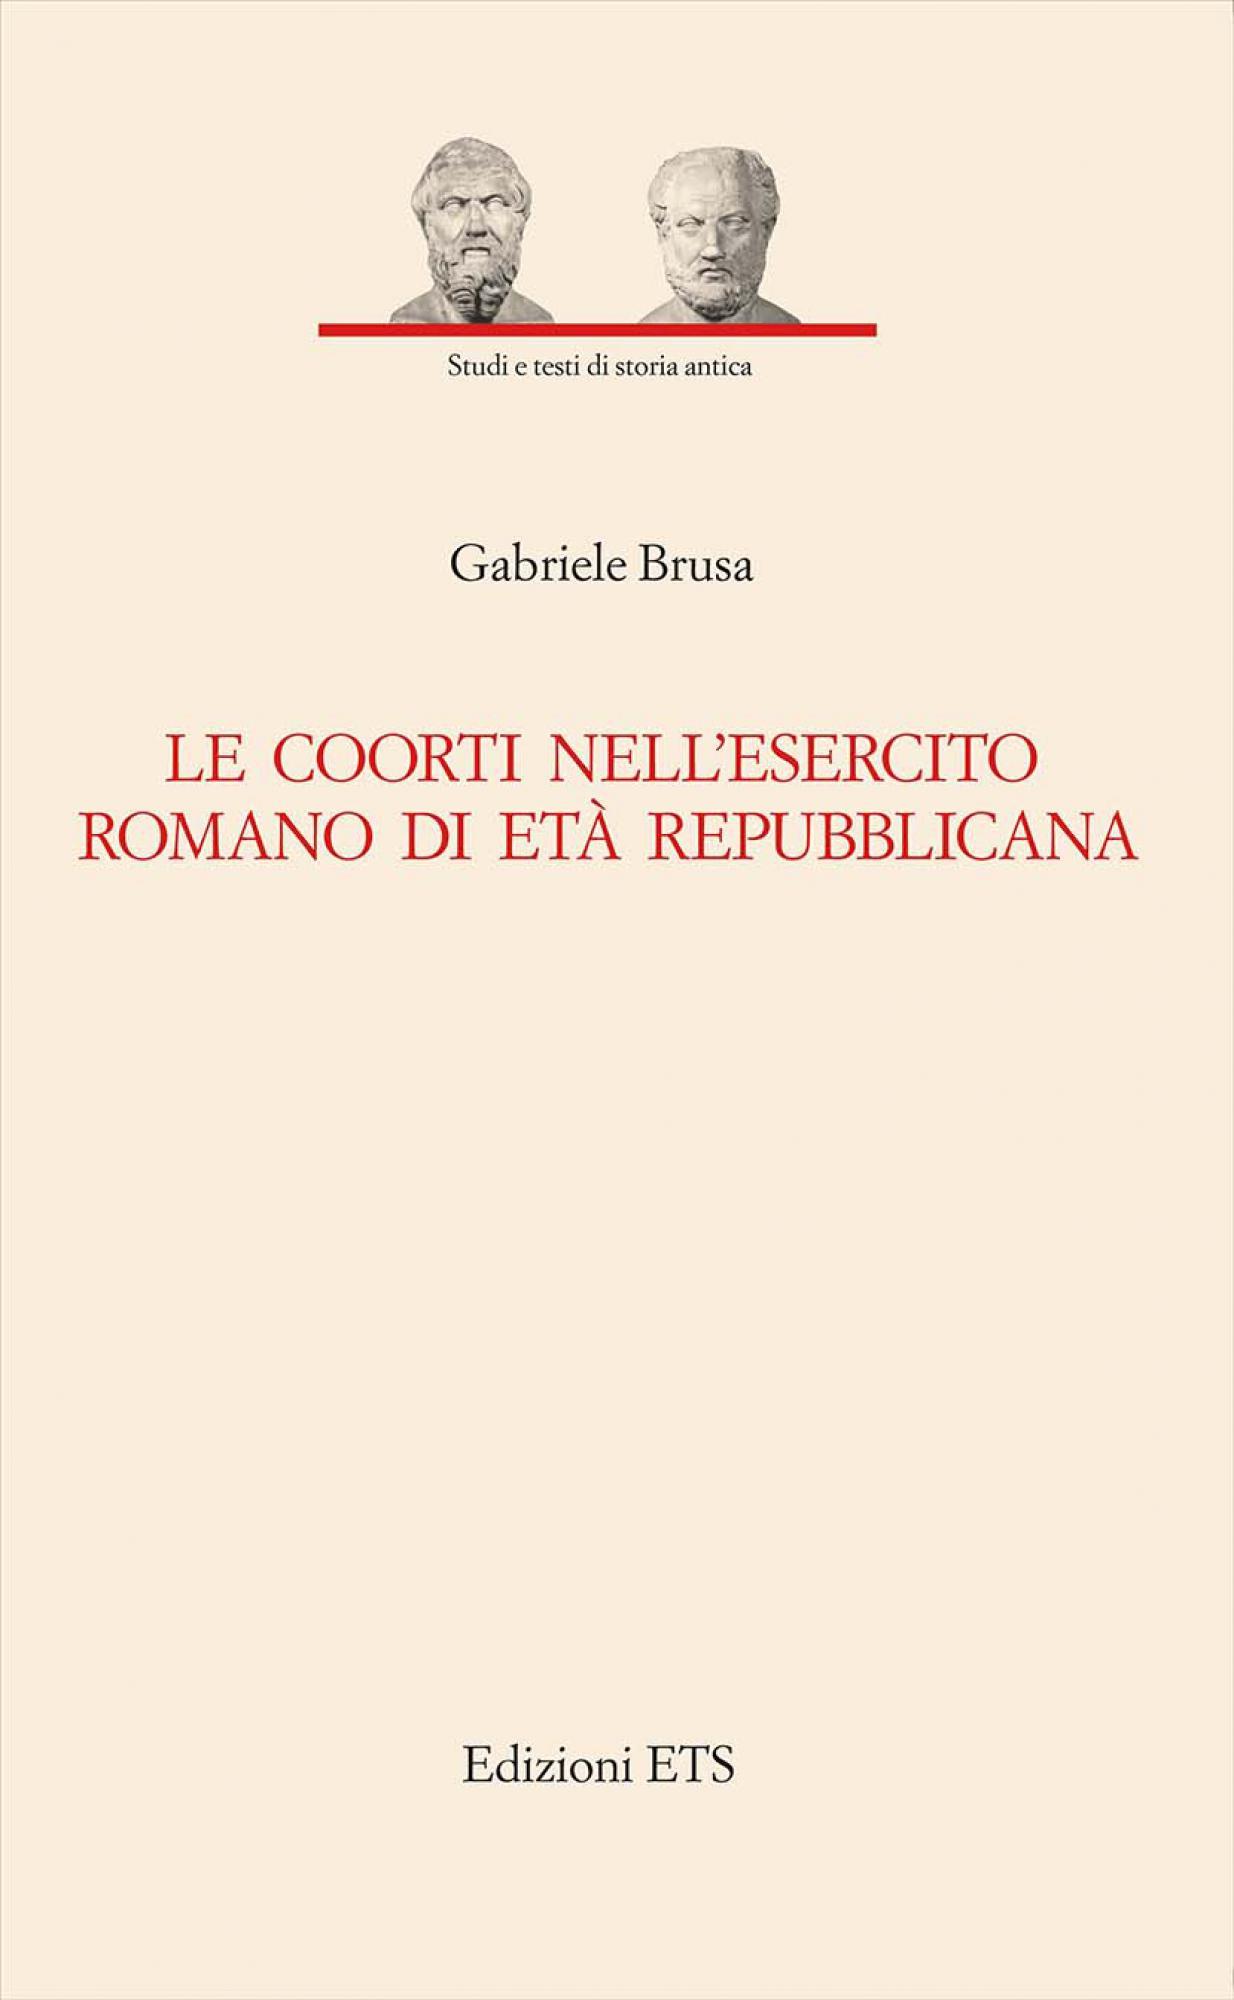 Le coorti nell'esercito romano di età repubblicana